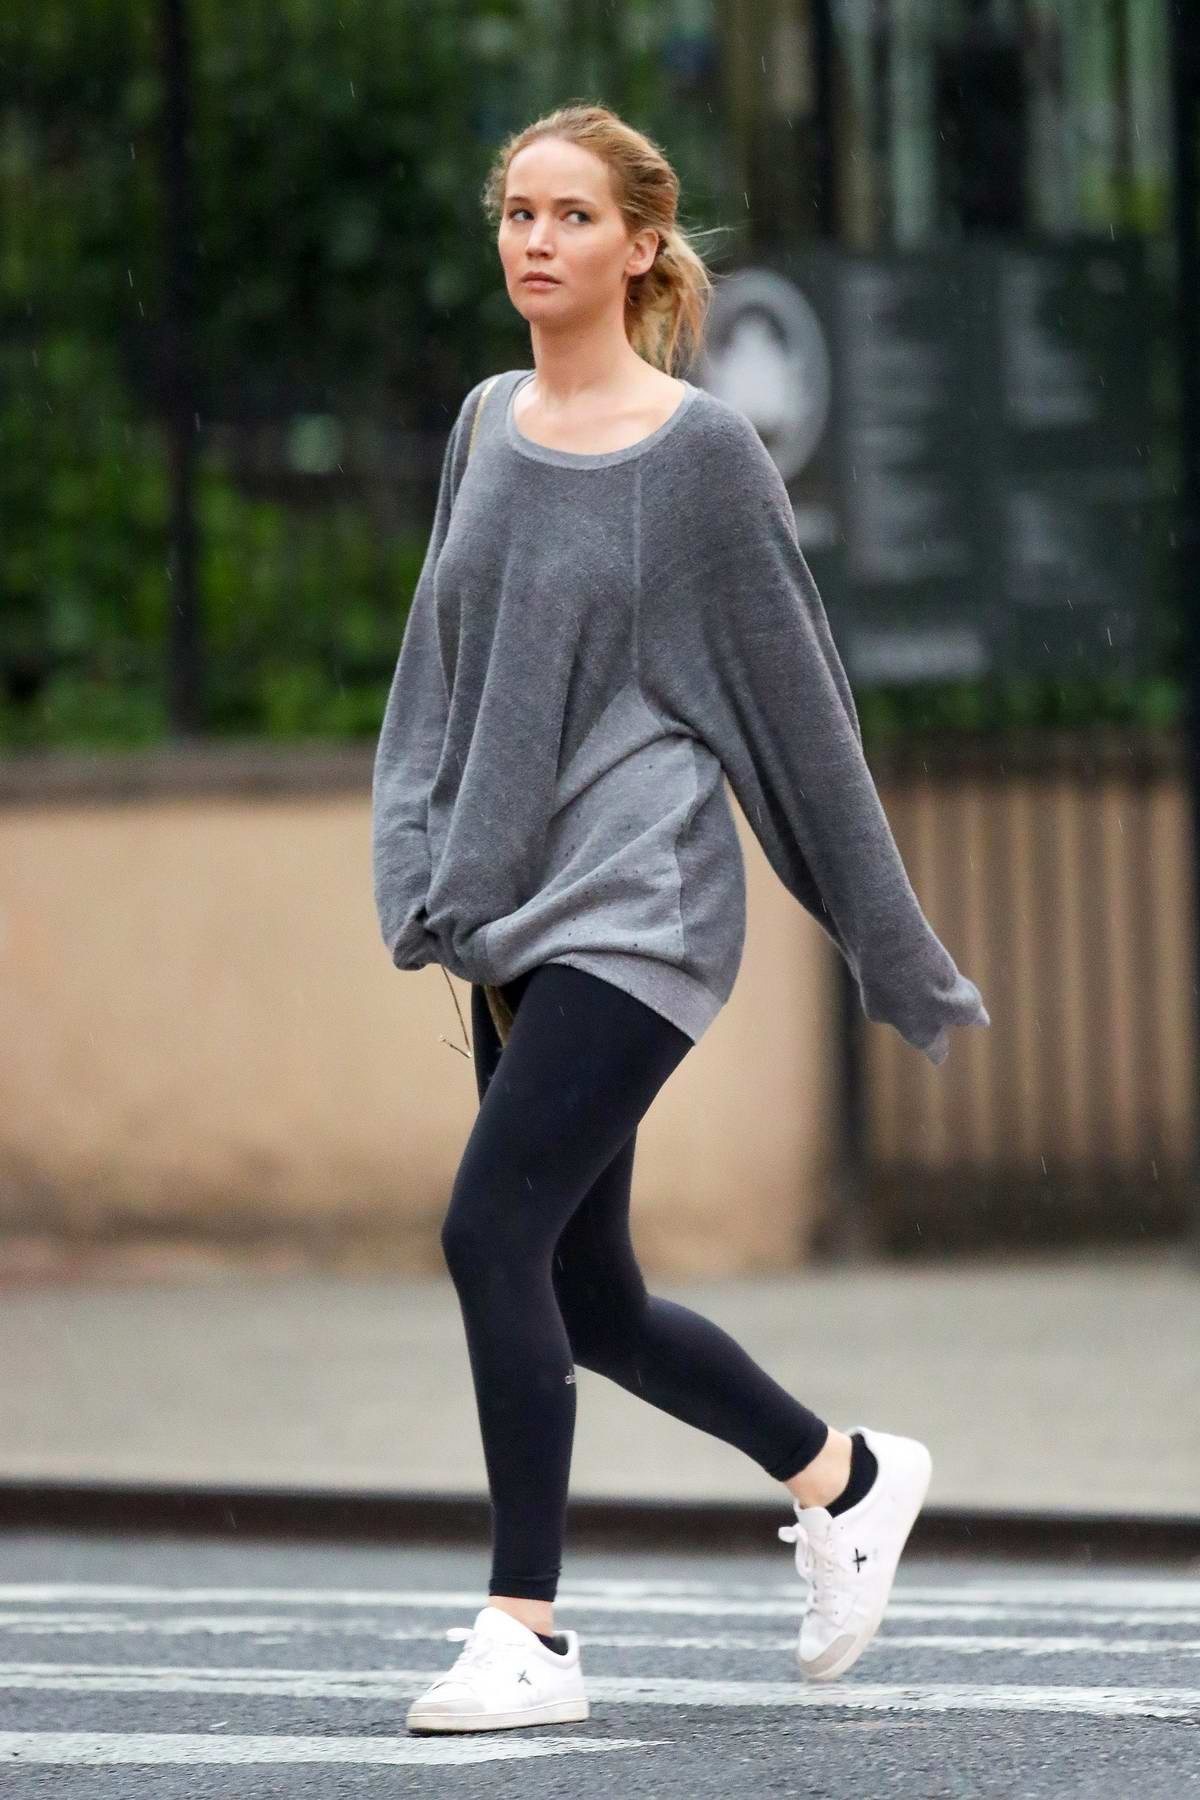 Jennifer Lawrence Wears A Grey Sweatshirt And Black